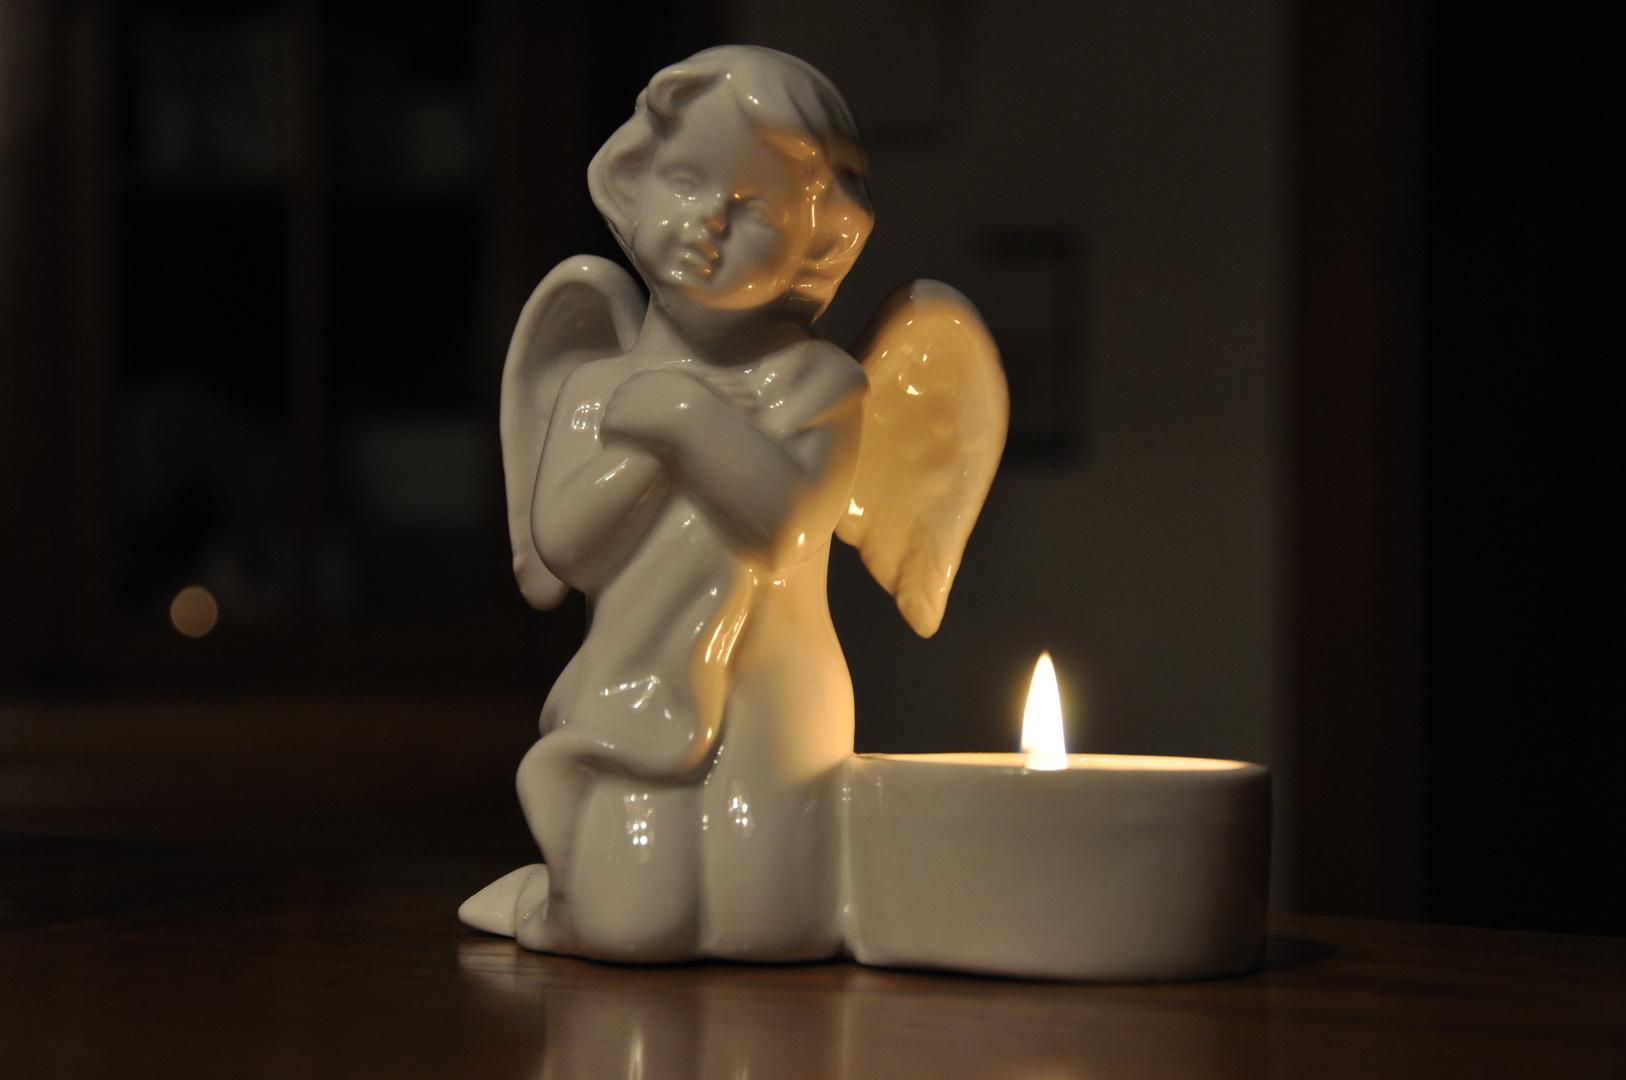 Ein frohes und gesundes 2011 wünsche ich allen